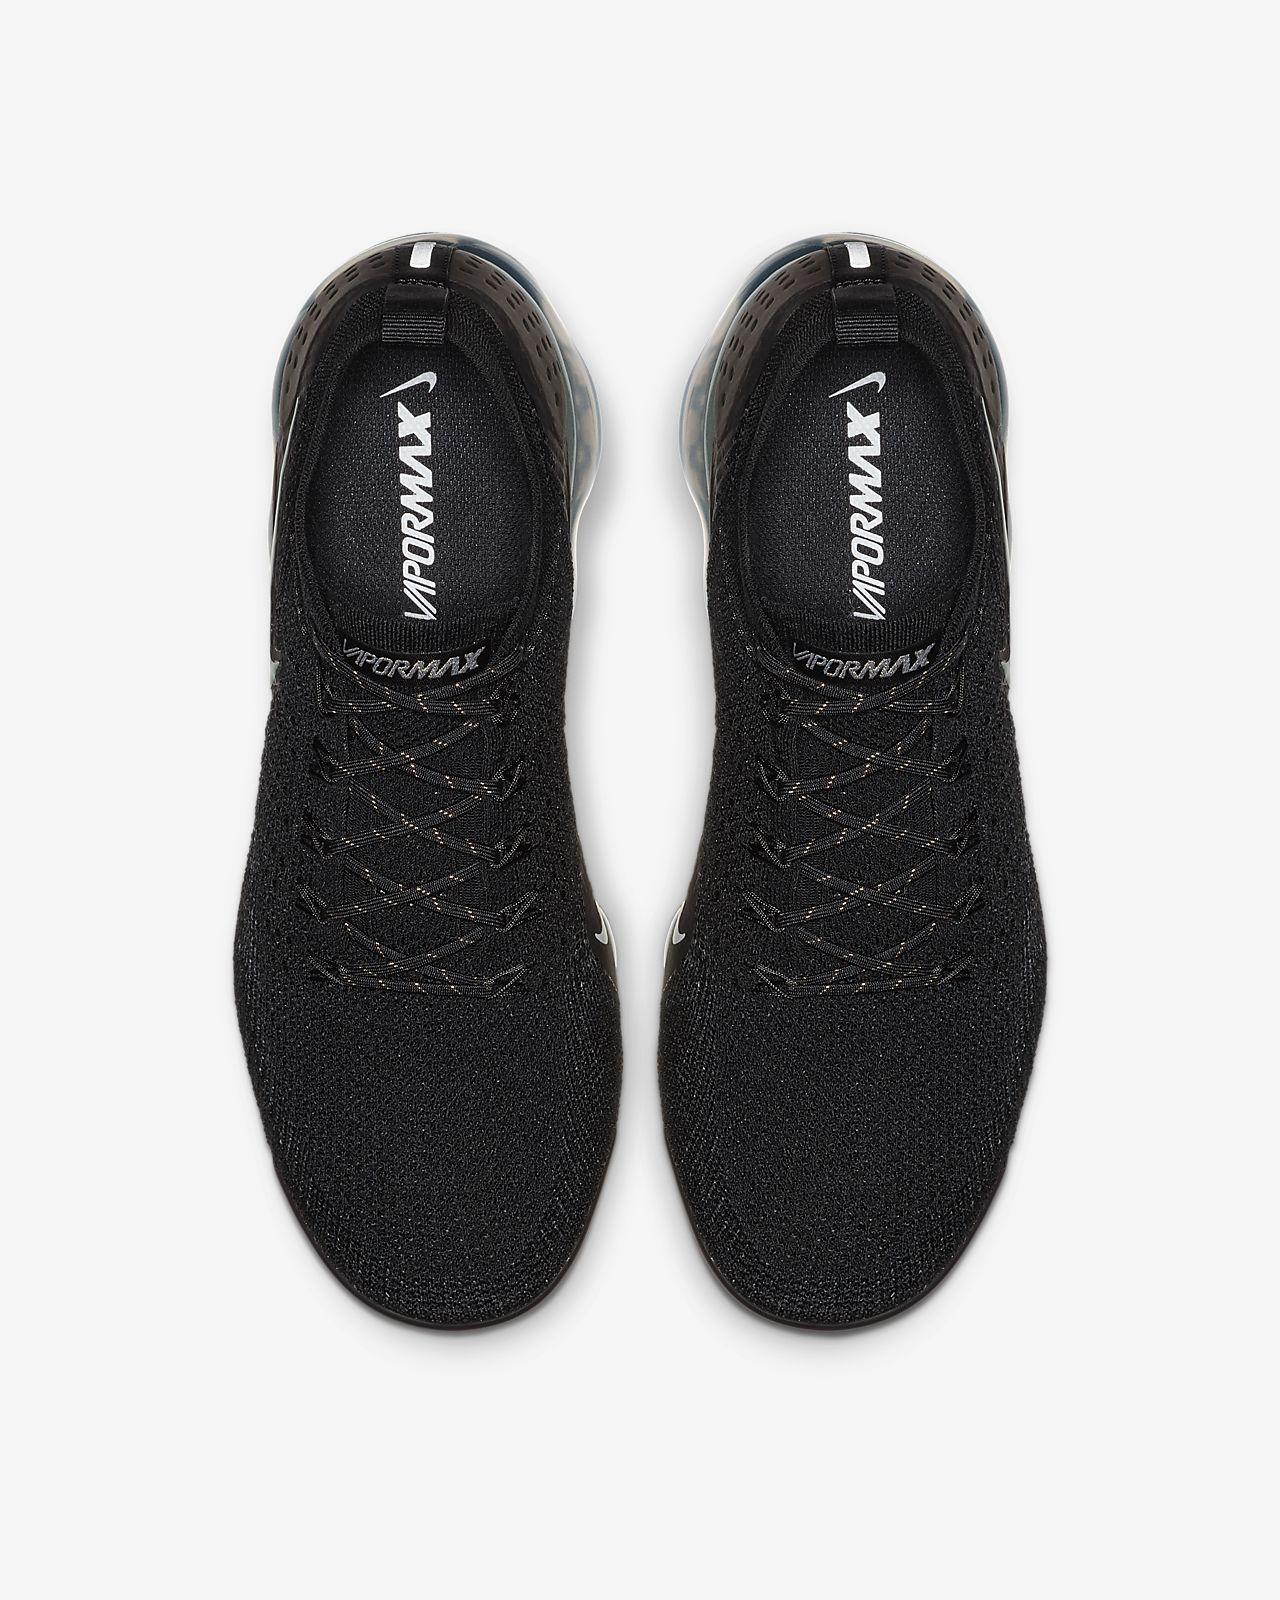 promo code 5f93f c8294 ... Nike Air VaporMax Flyknit 2 Shoe